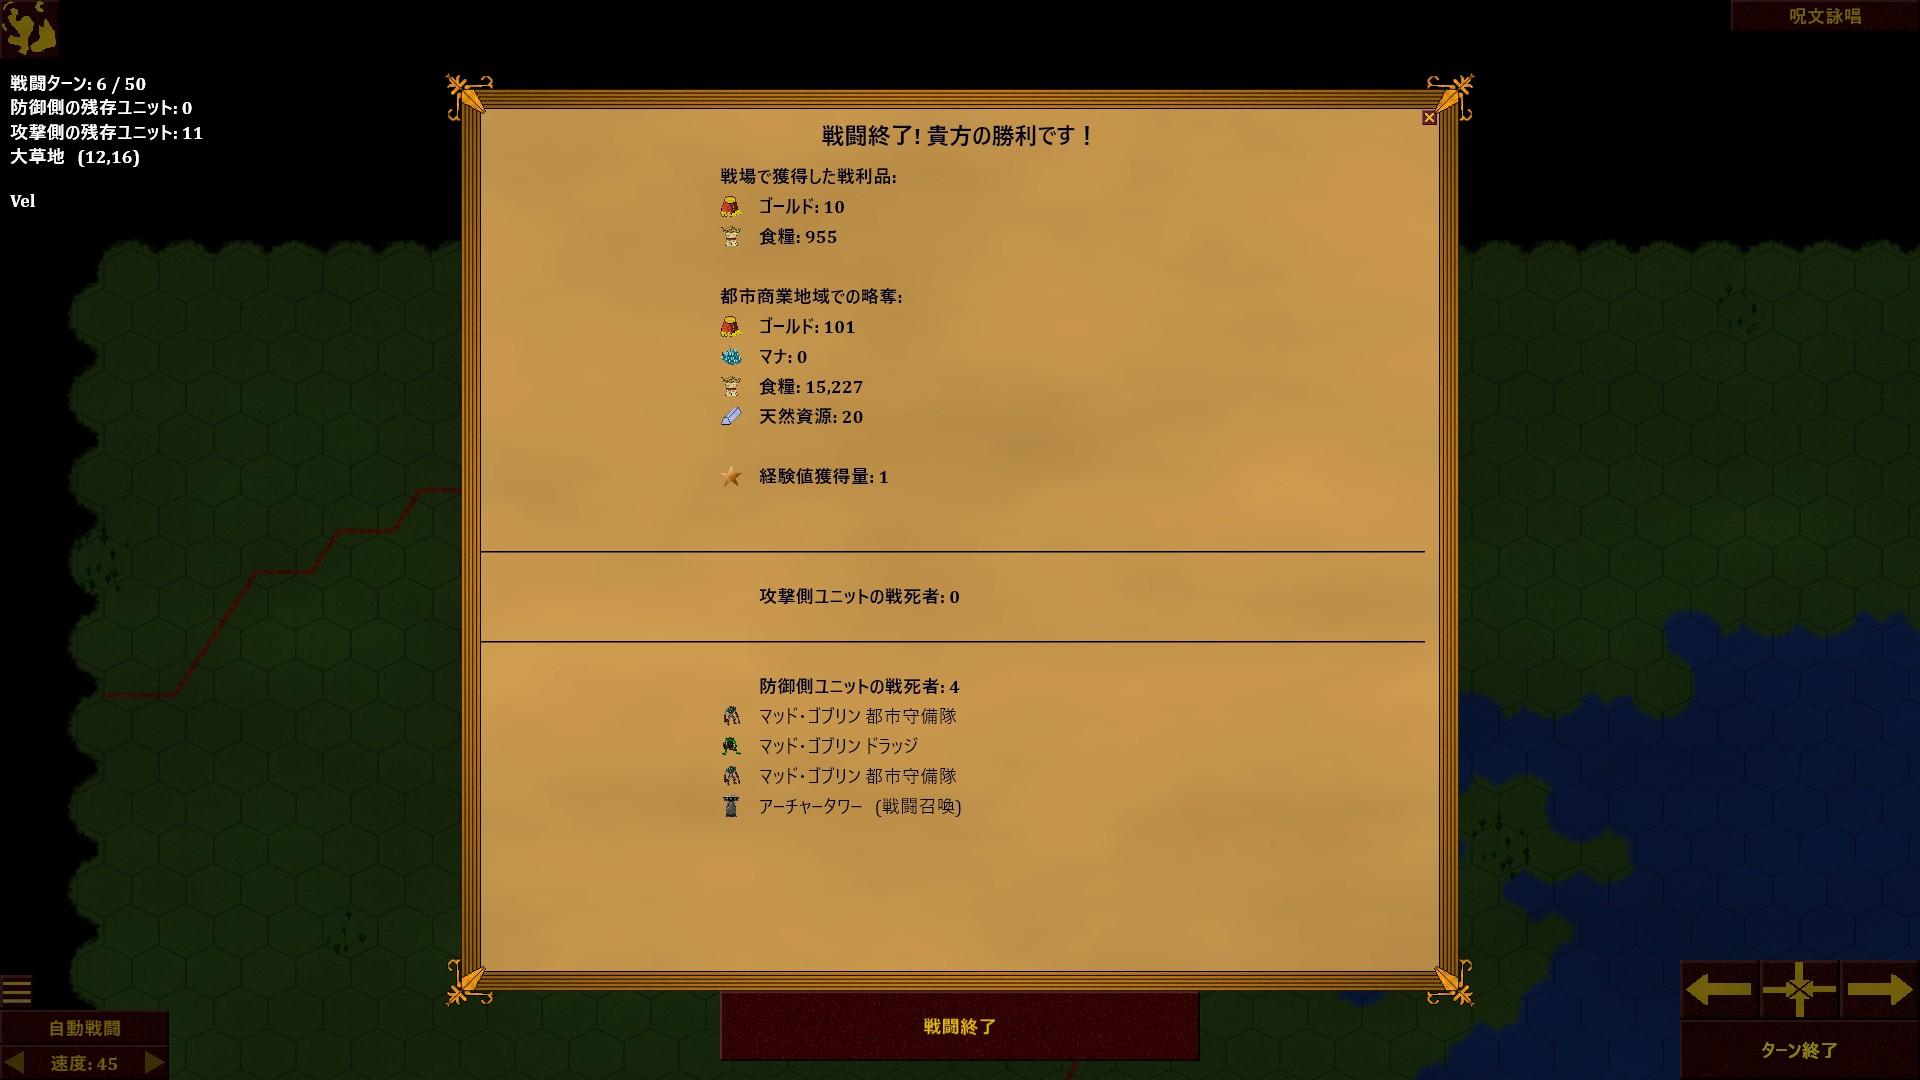 f:id:MiyabiSFG:20181215013525j:plain